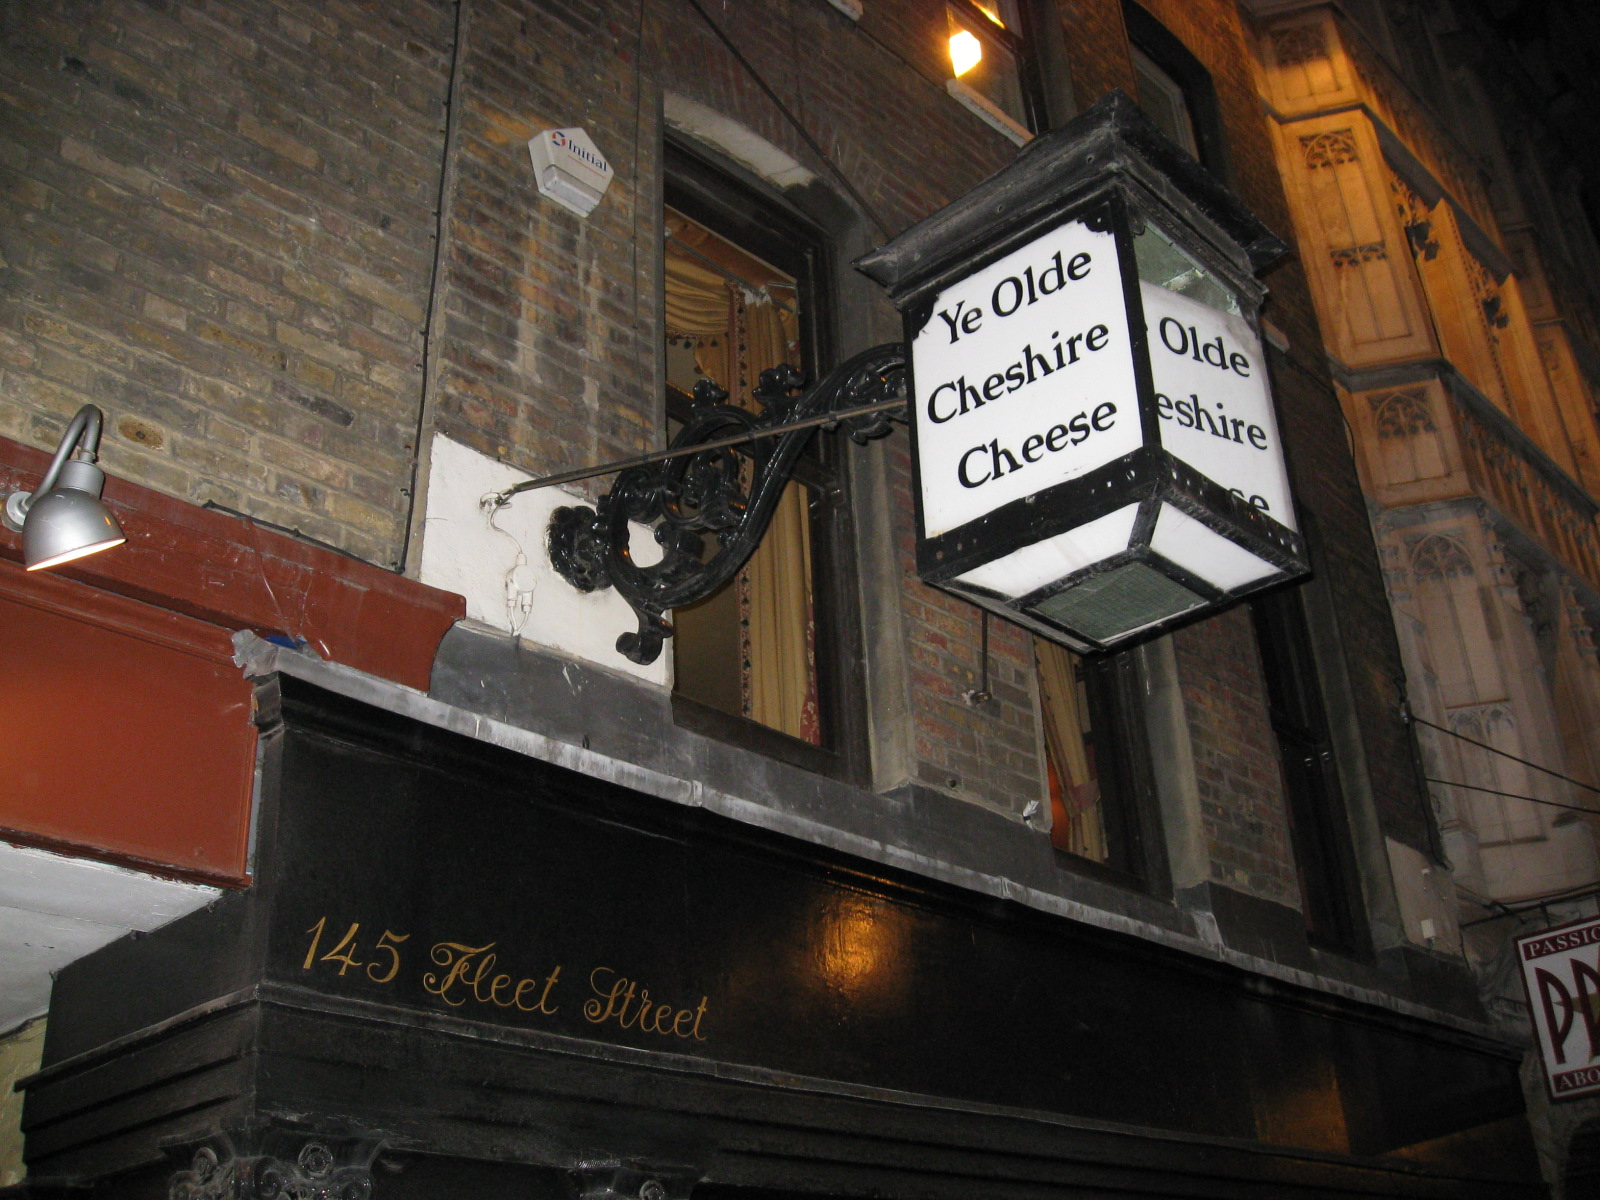 Ye Olde Cheshire Cheese London